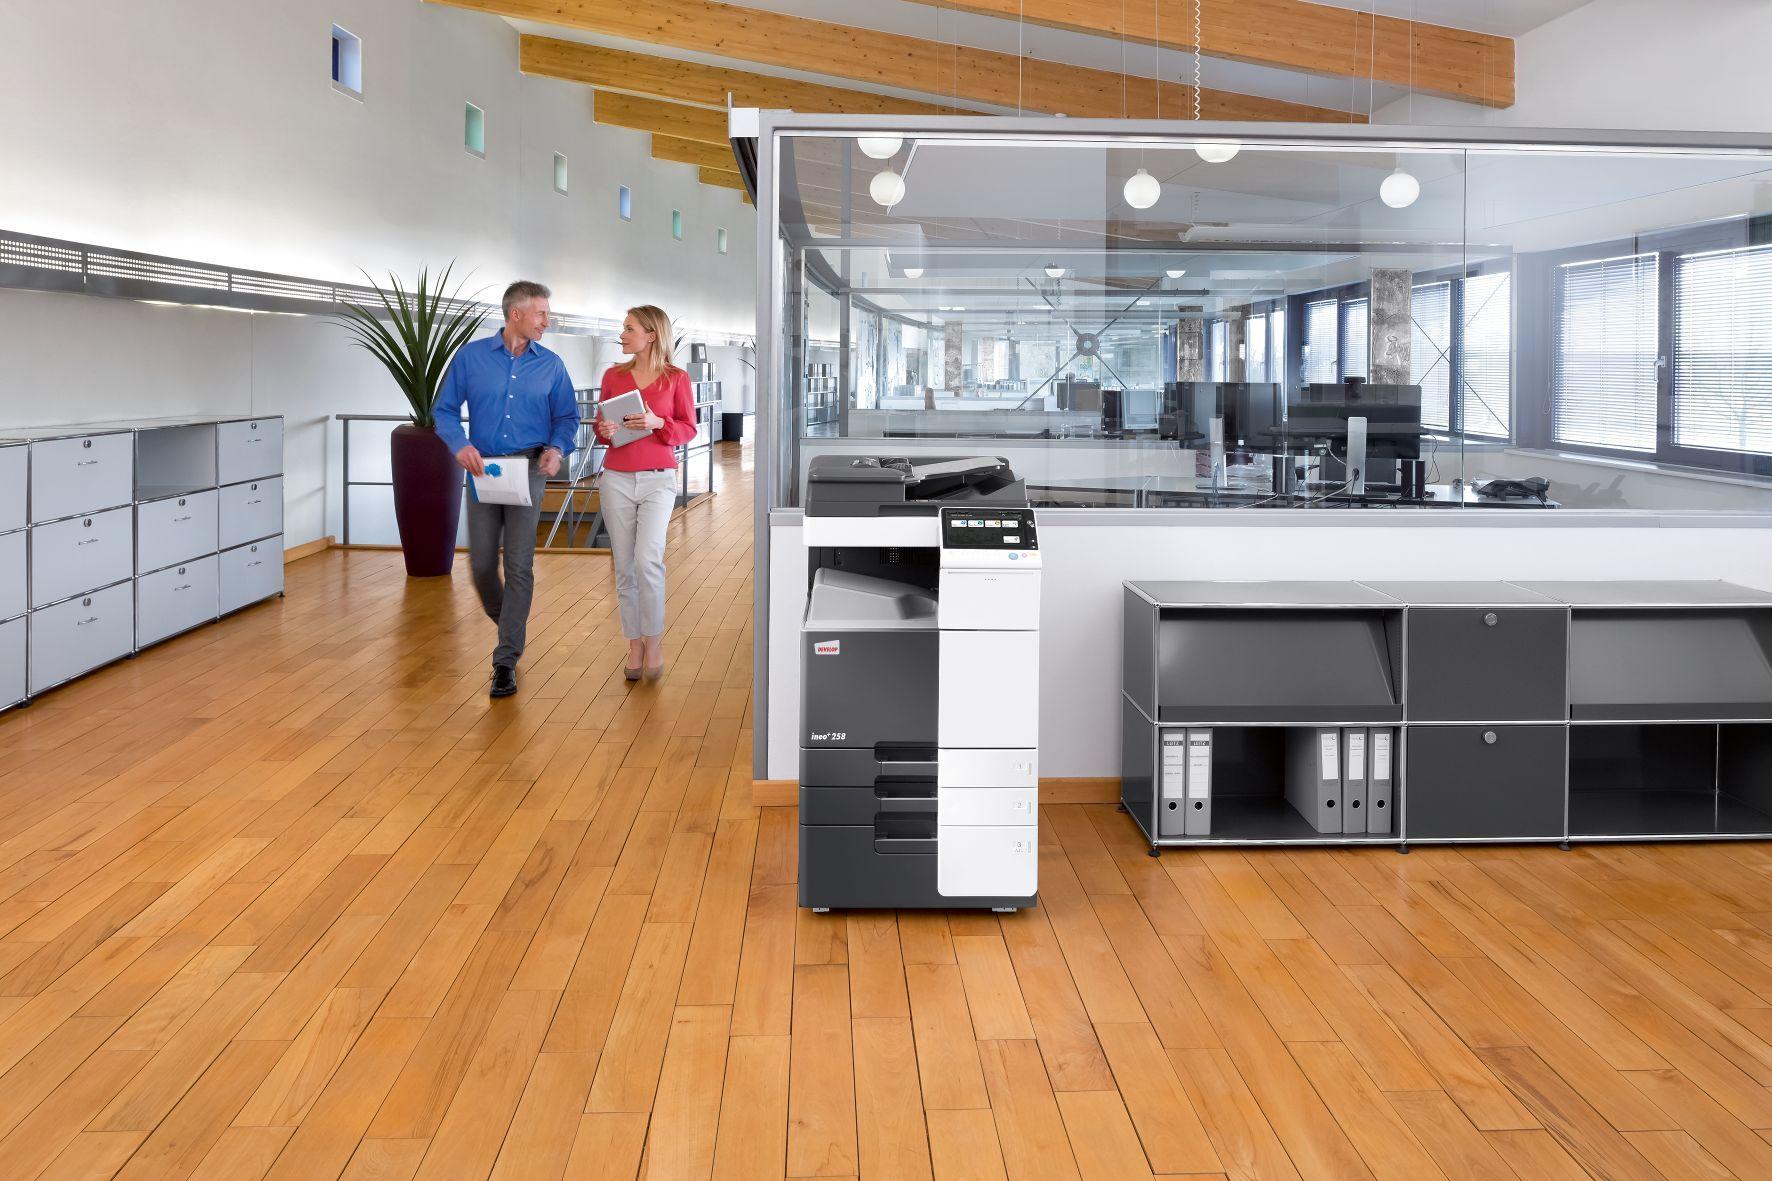 Foto de Impresora multifunción DEVELOP en oficina